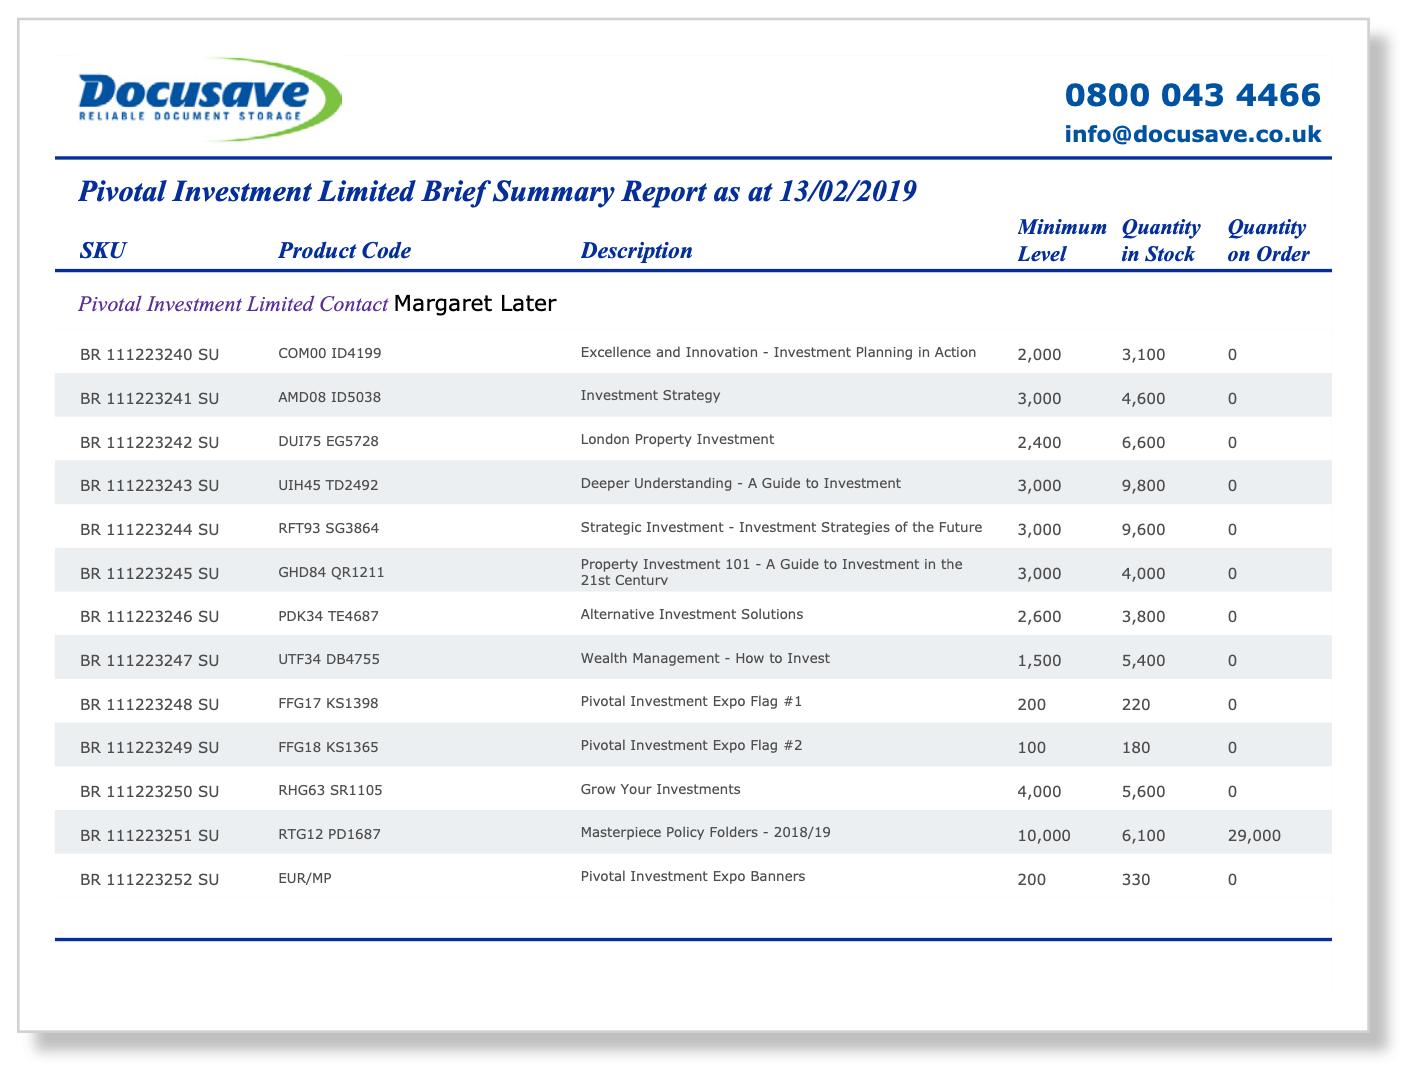 Sample Print Stock Report